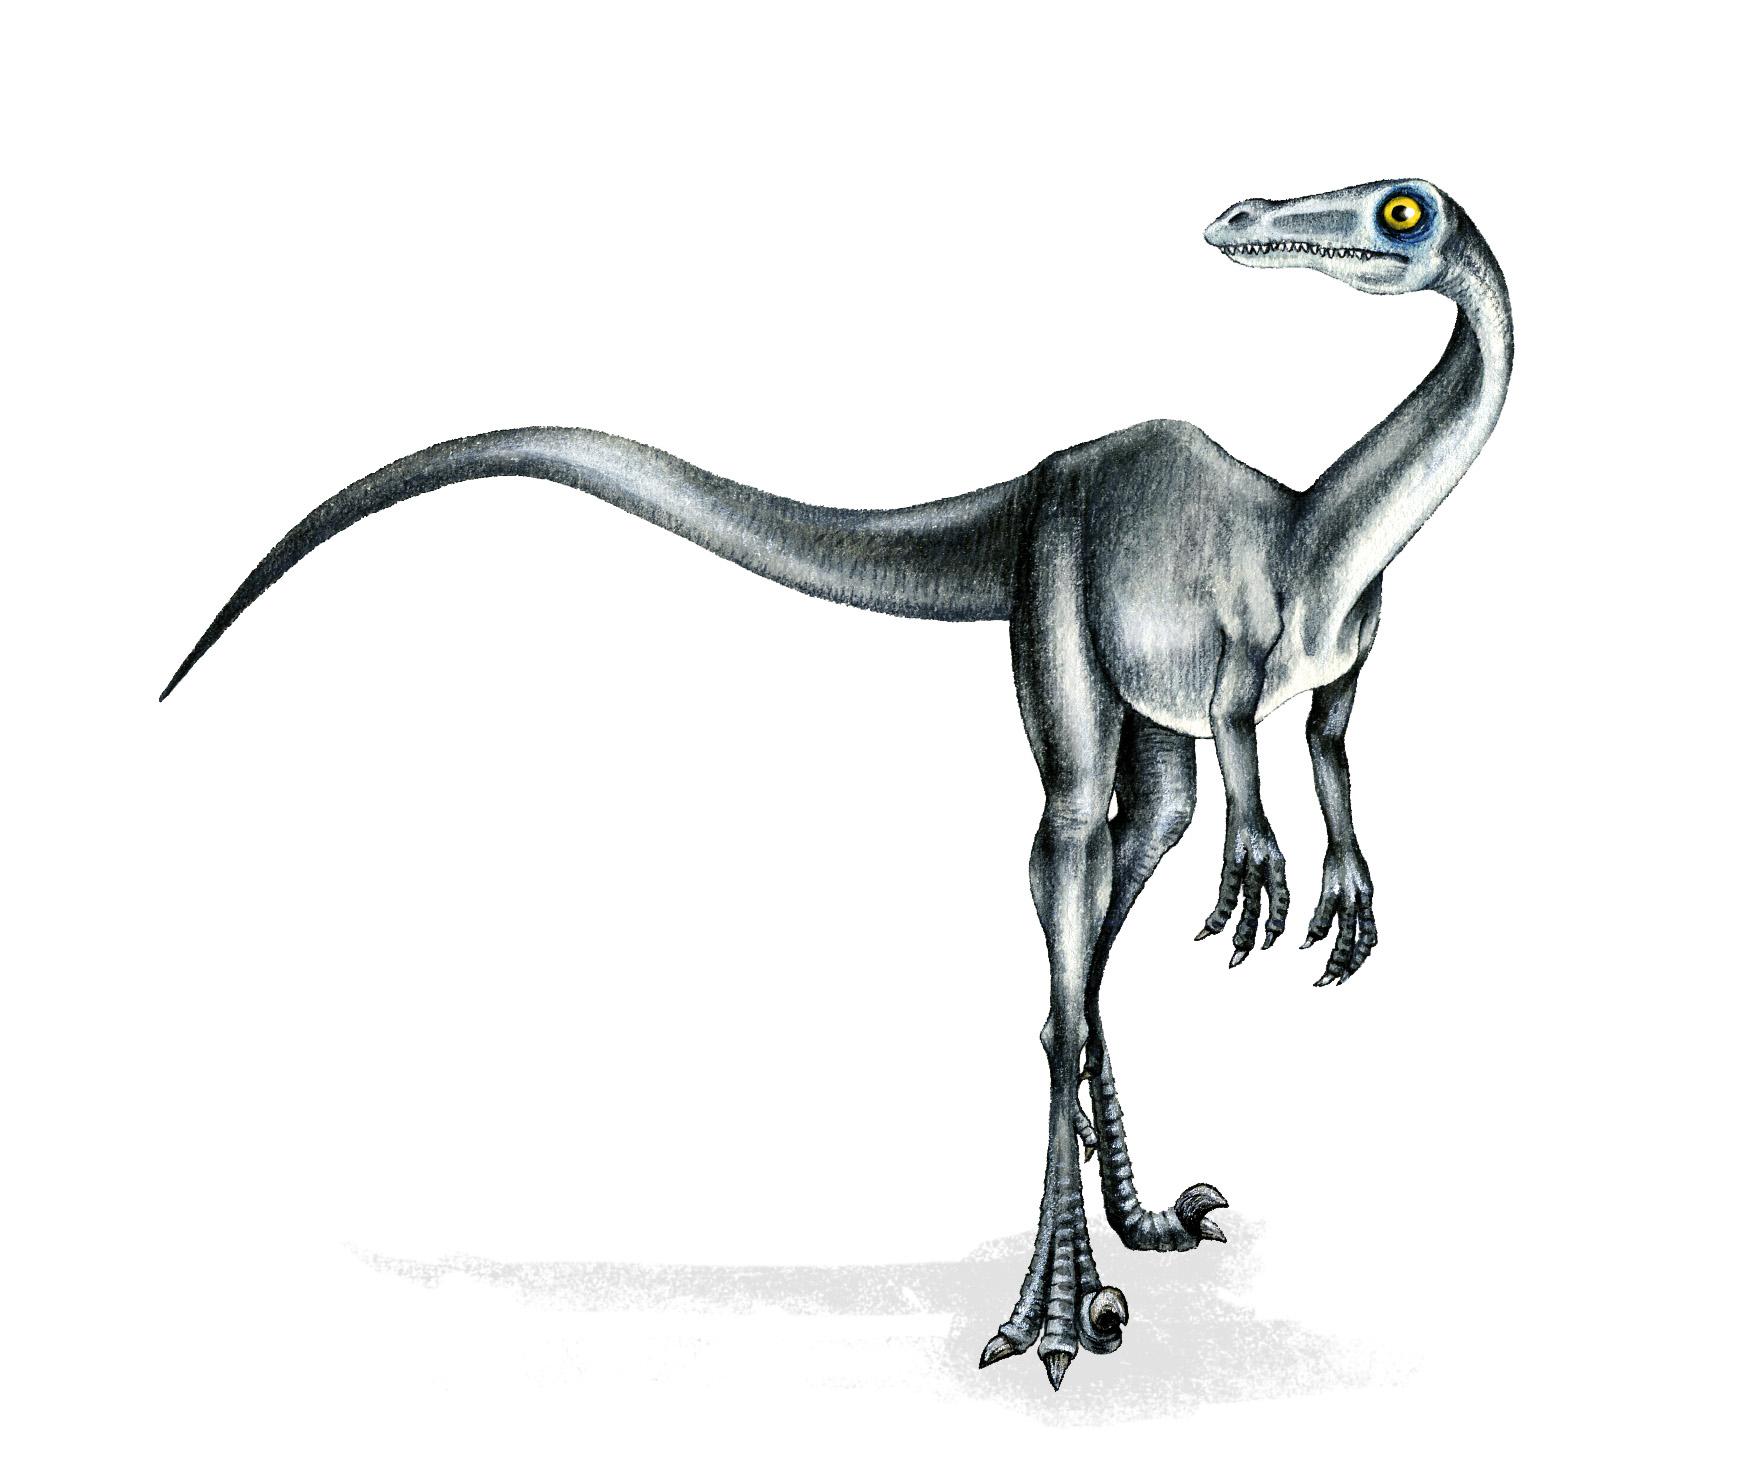 Meilleur Pour Realiste Raptor Dessin Dinosaure - Random Spirit pour Comment Dessiner Un Dinosaure